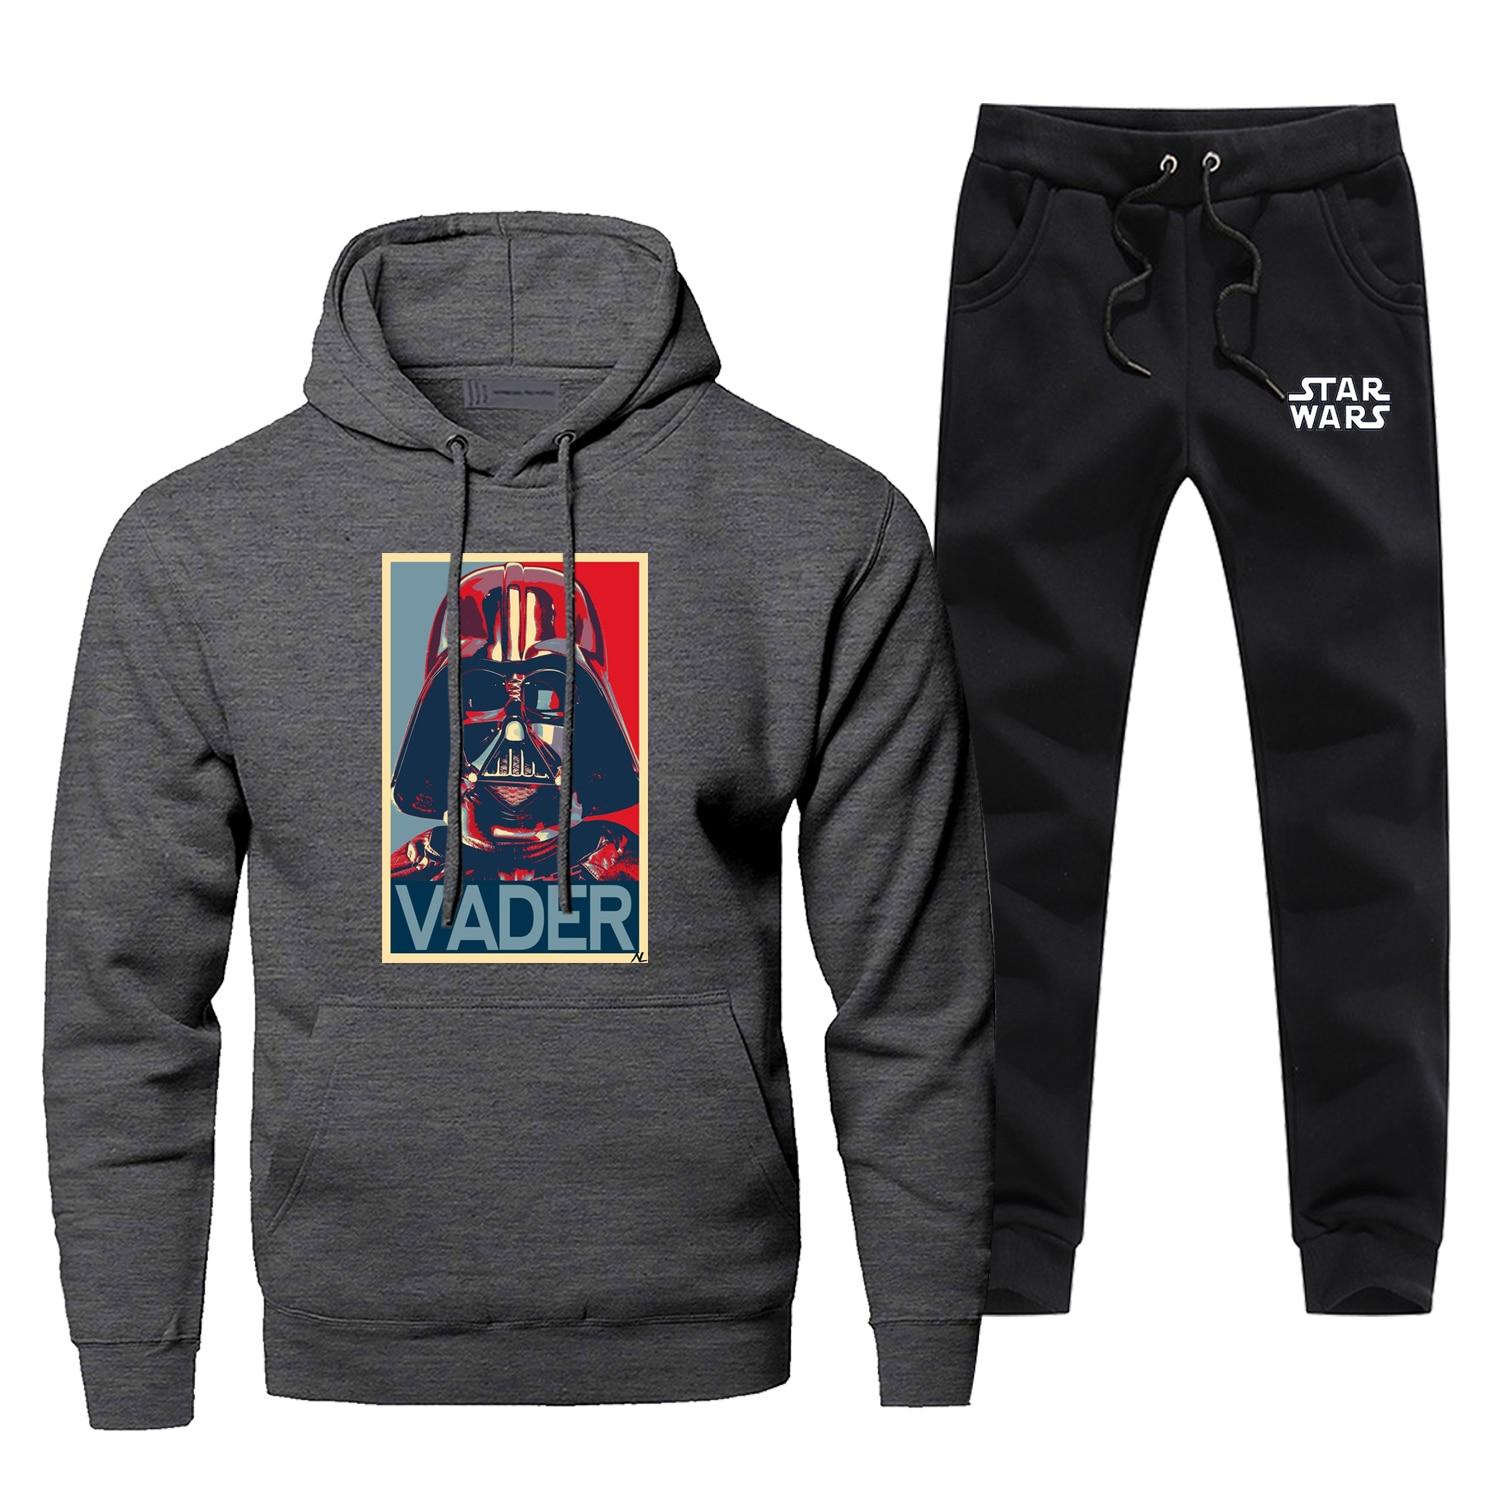 Star Wars Darth Vader Men Hoodies Sweatshirts Pants Sets Hooded Hoodie Suit Tracksuit 2 PCS Hoody Join The Empir Pullover Set